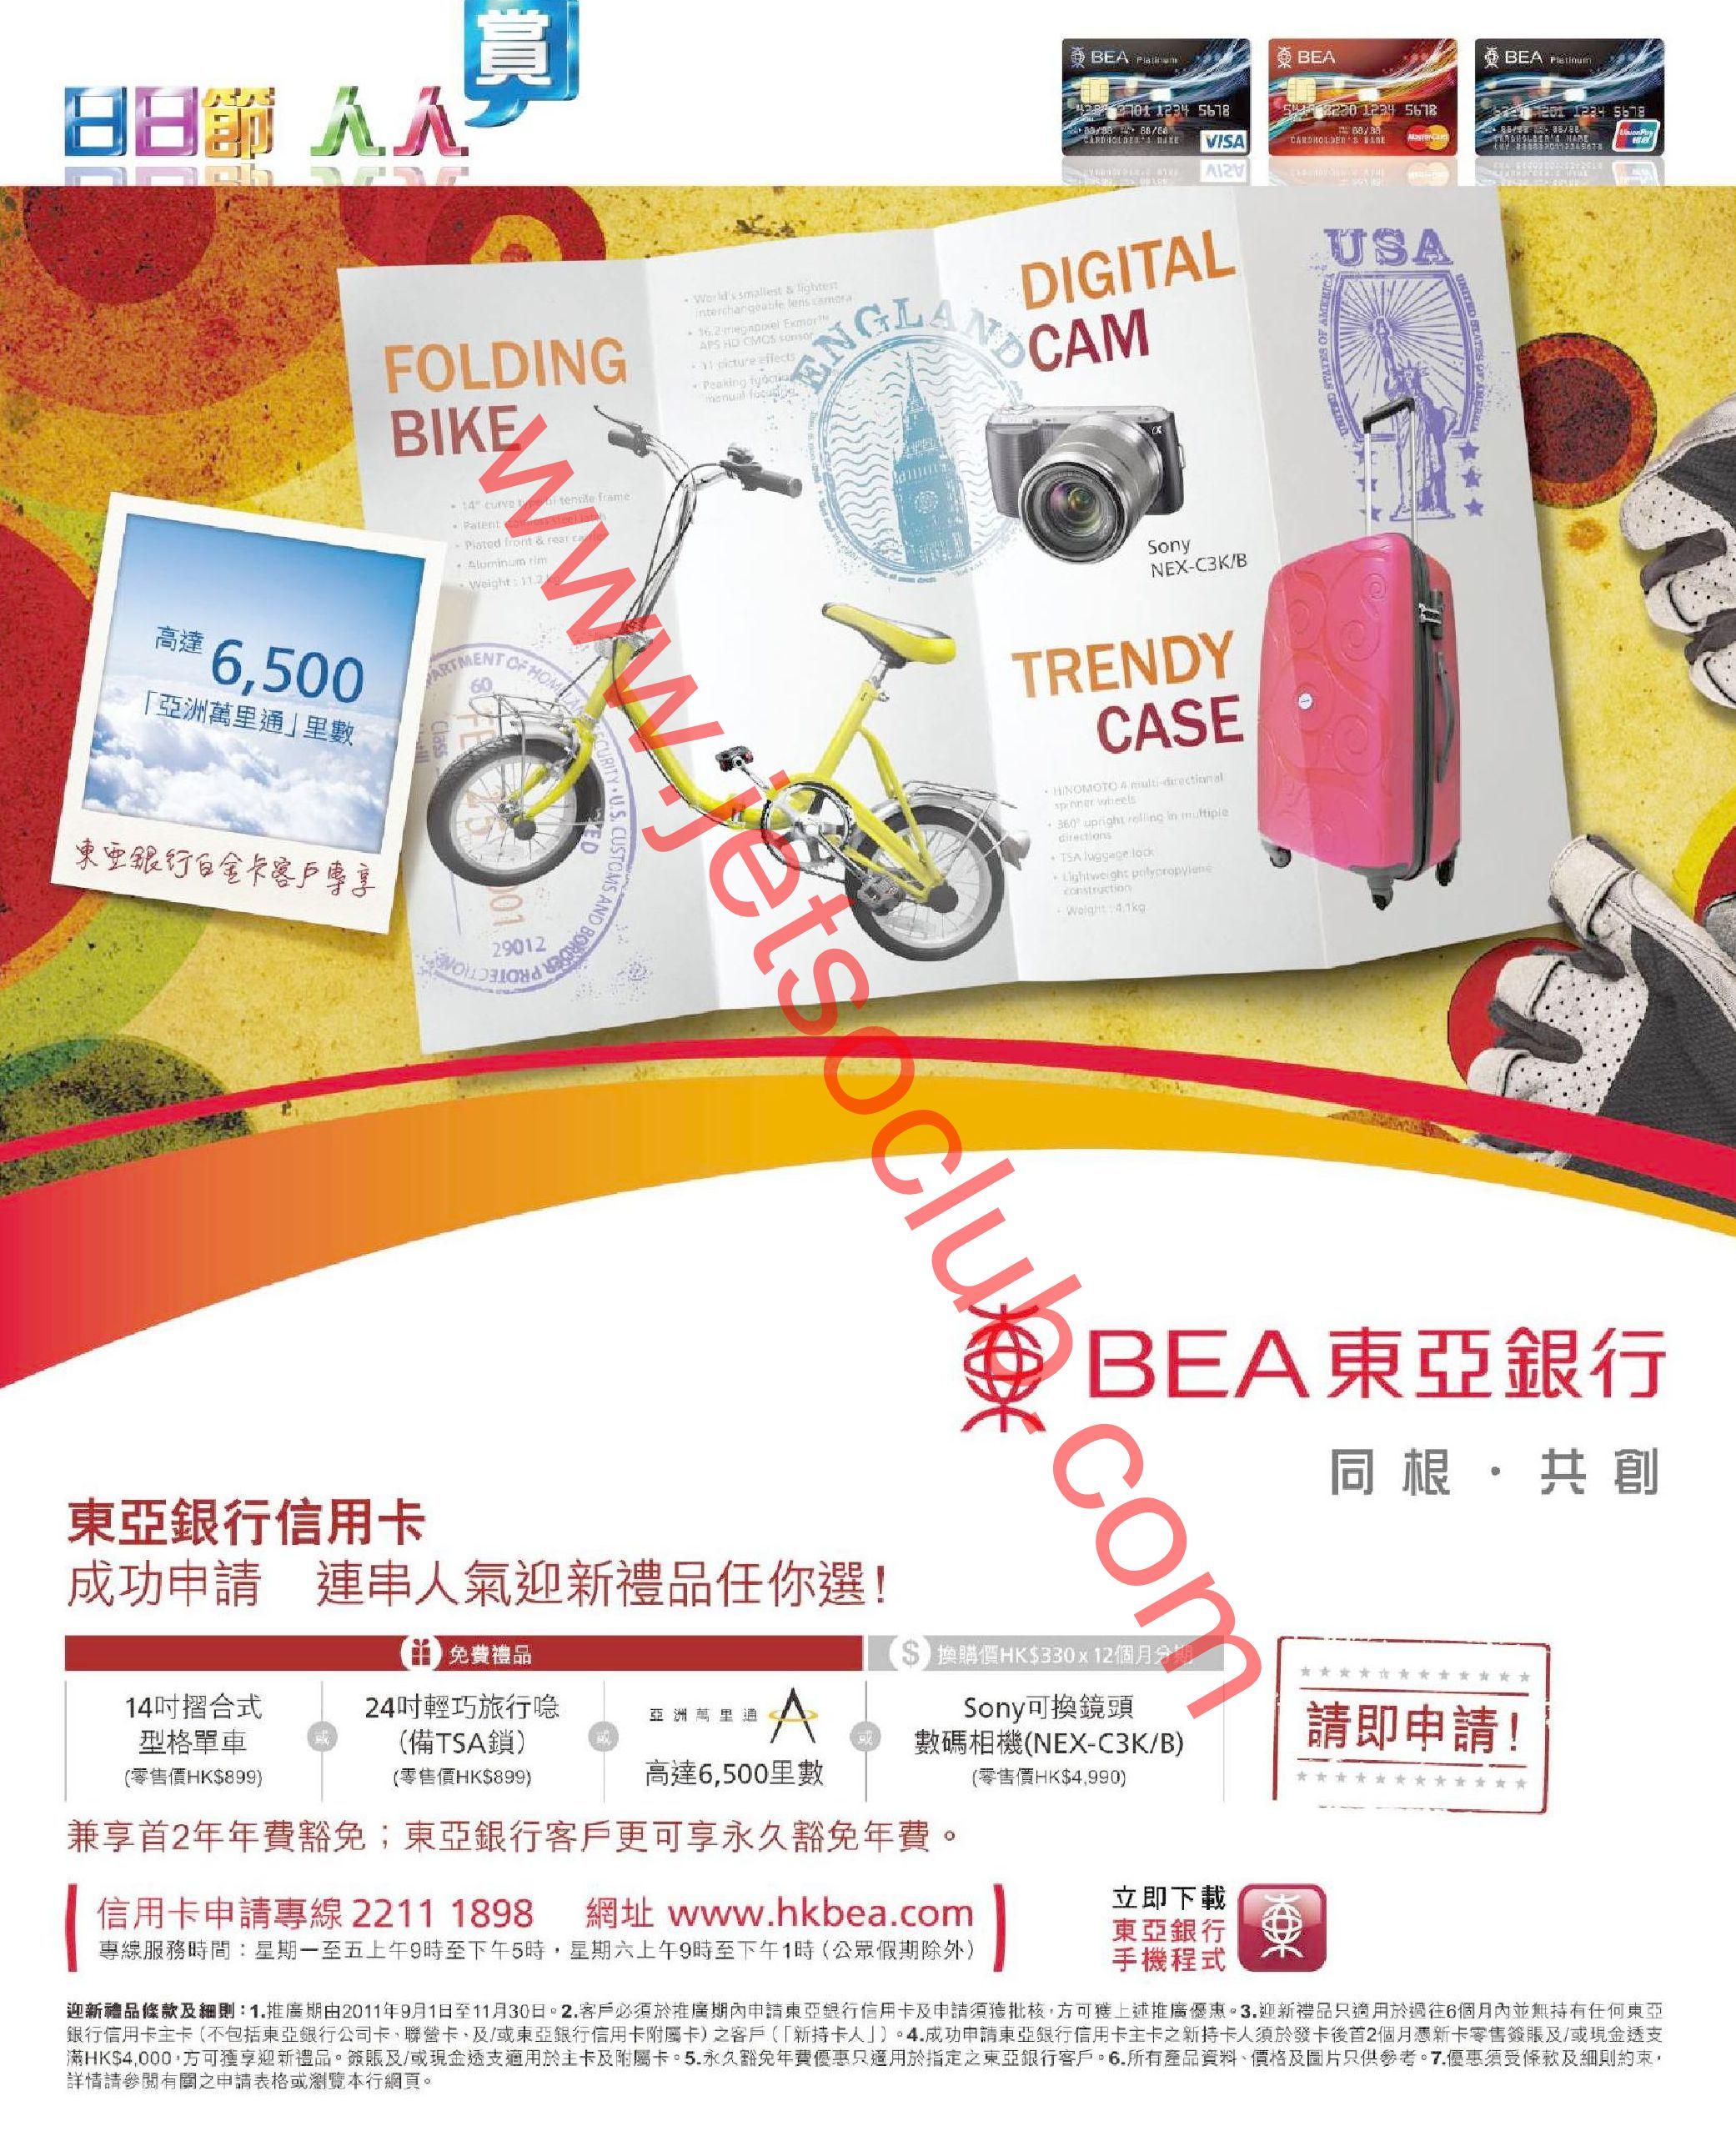 東亞信用卡:迎新禮物 14吋單車/24吋旅行喼/6500里數/數碼相機(至30/11) ( Jetso Club 著數俱樂部 )